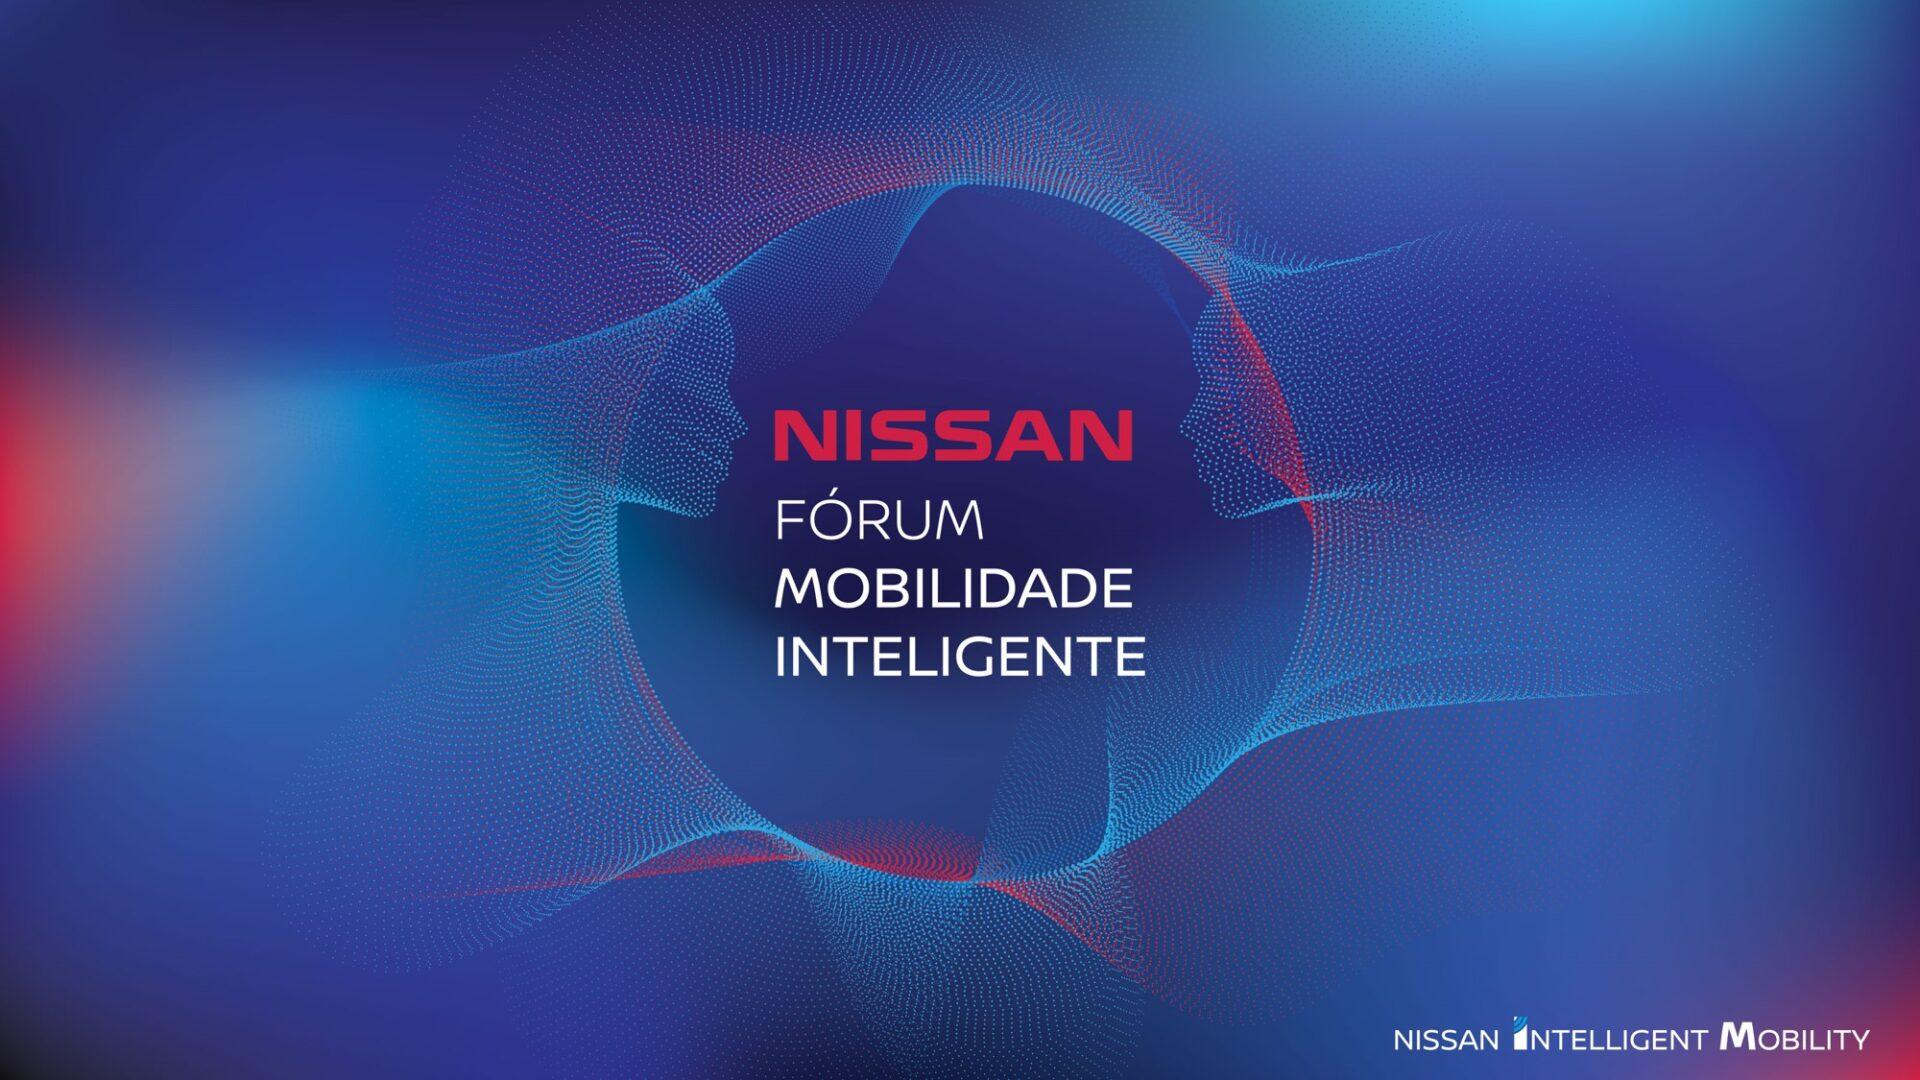 Comunicação Fórum Nissan da Mobilidade Inteligente